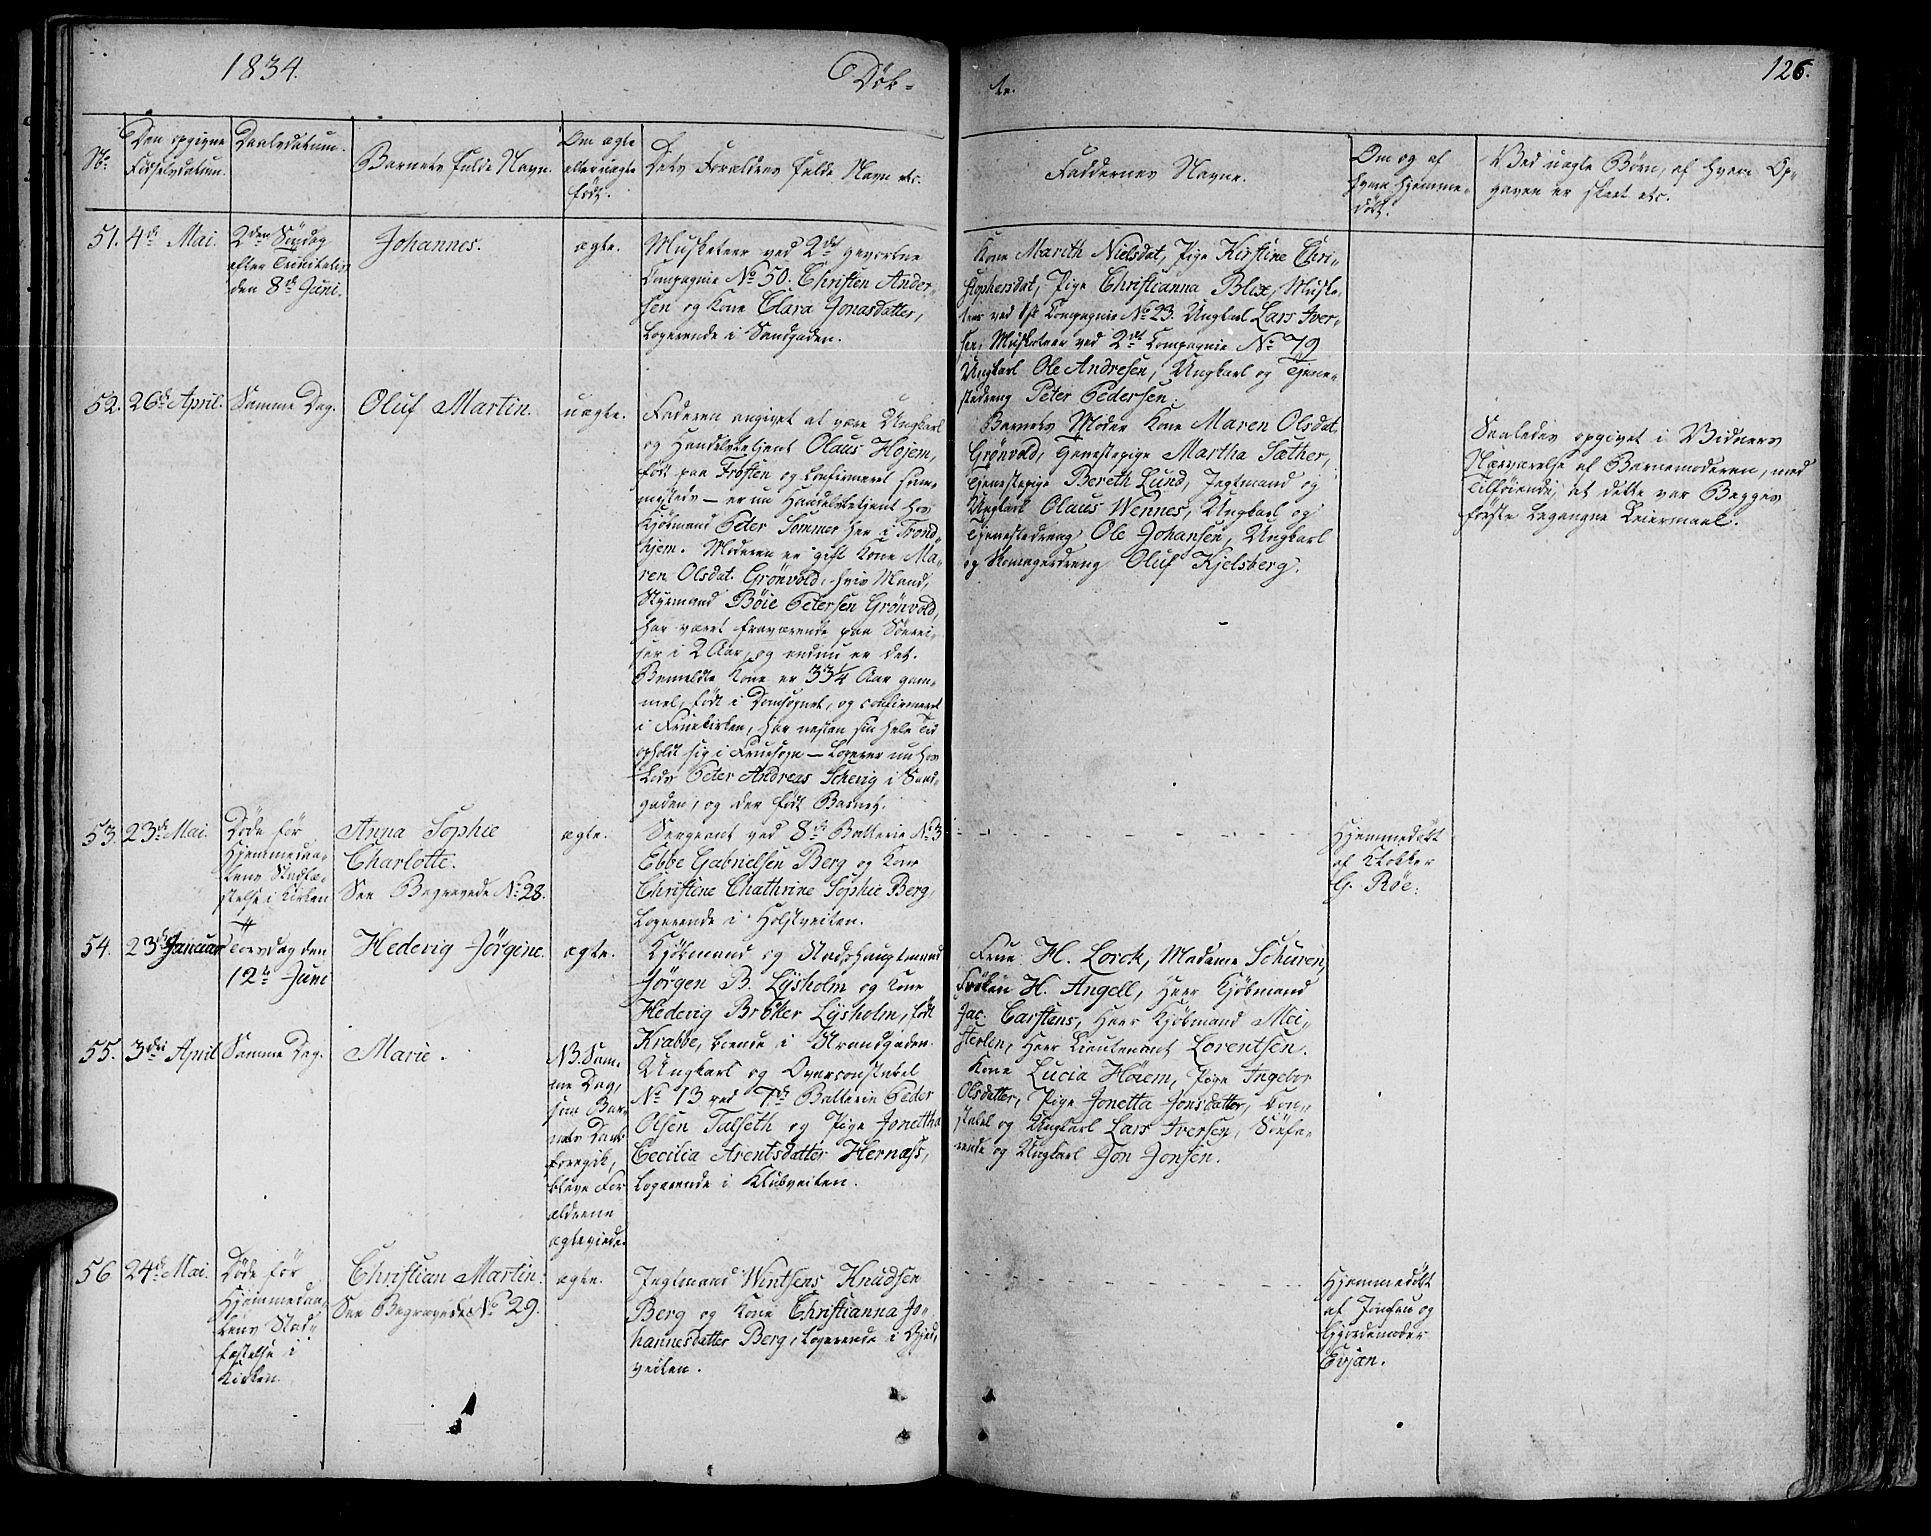 SAT, Ministerialprotokoller, klokkerbøker og fødselsregistre - Sør-Trøndelag, 602/L0108: Ministerialbok nr. 602A06, 1821-1839, s. 126